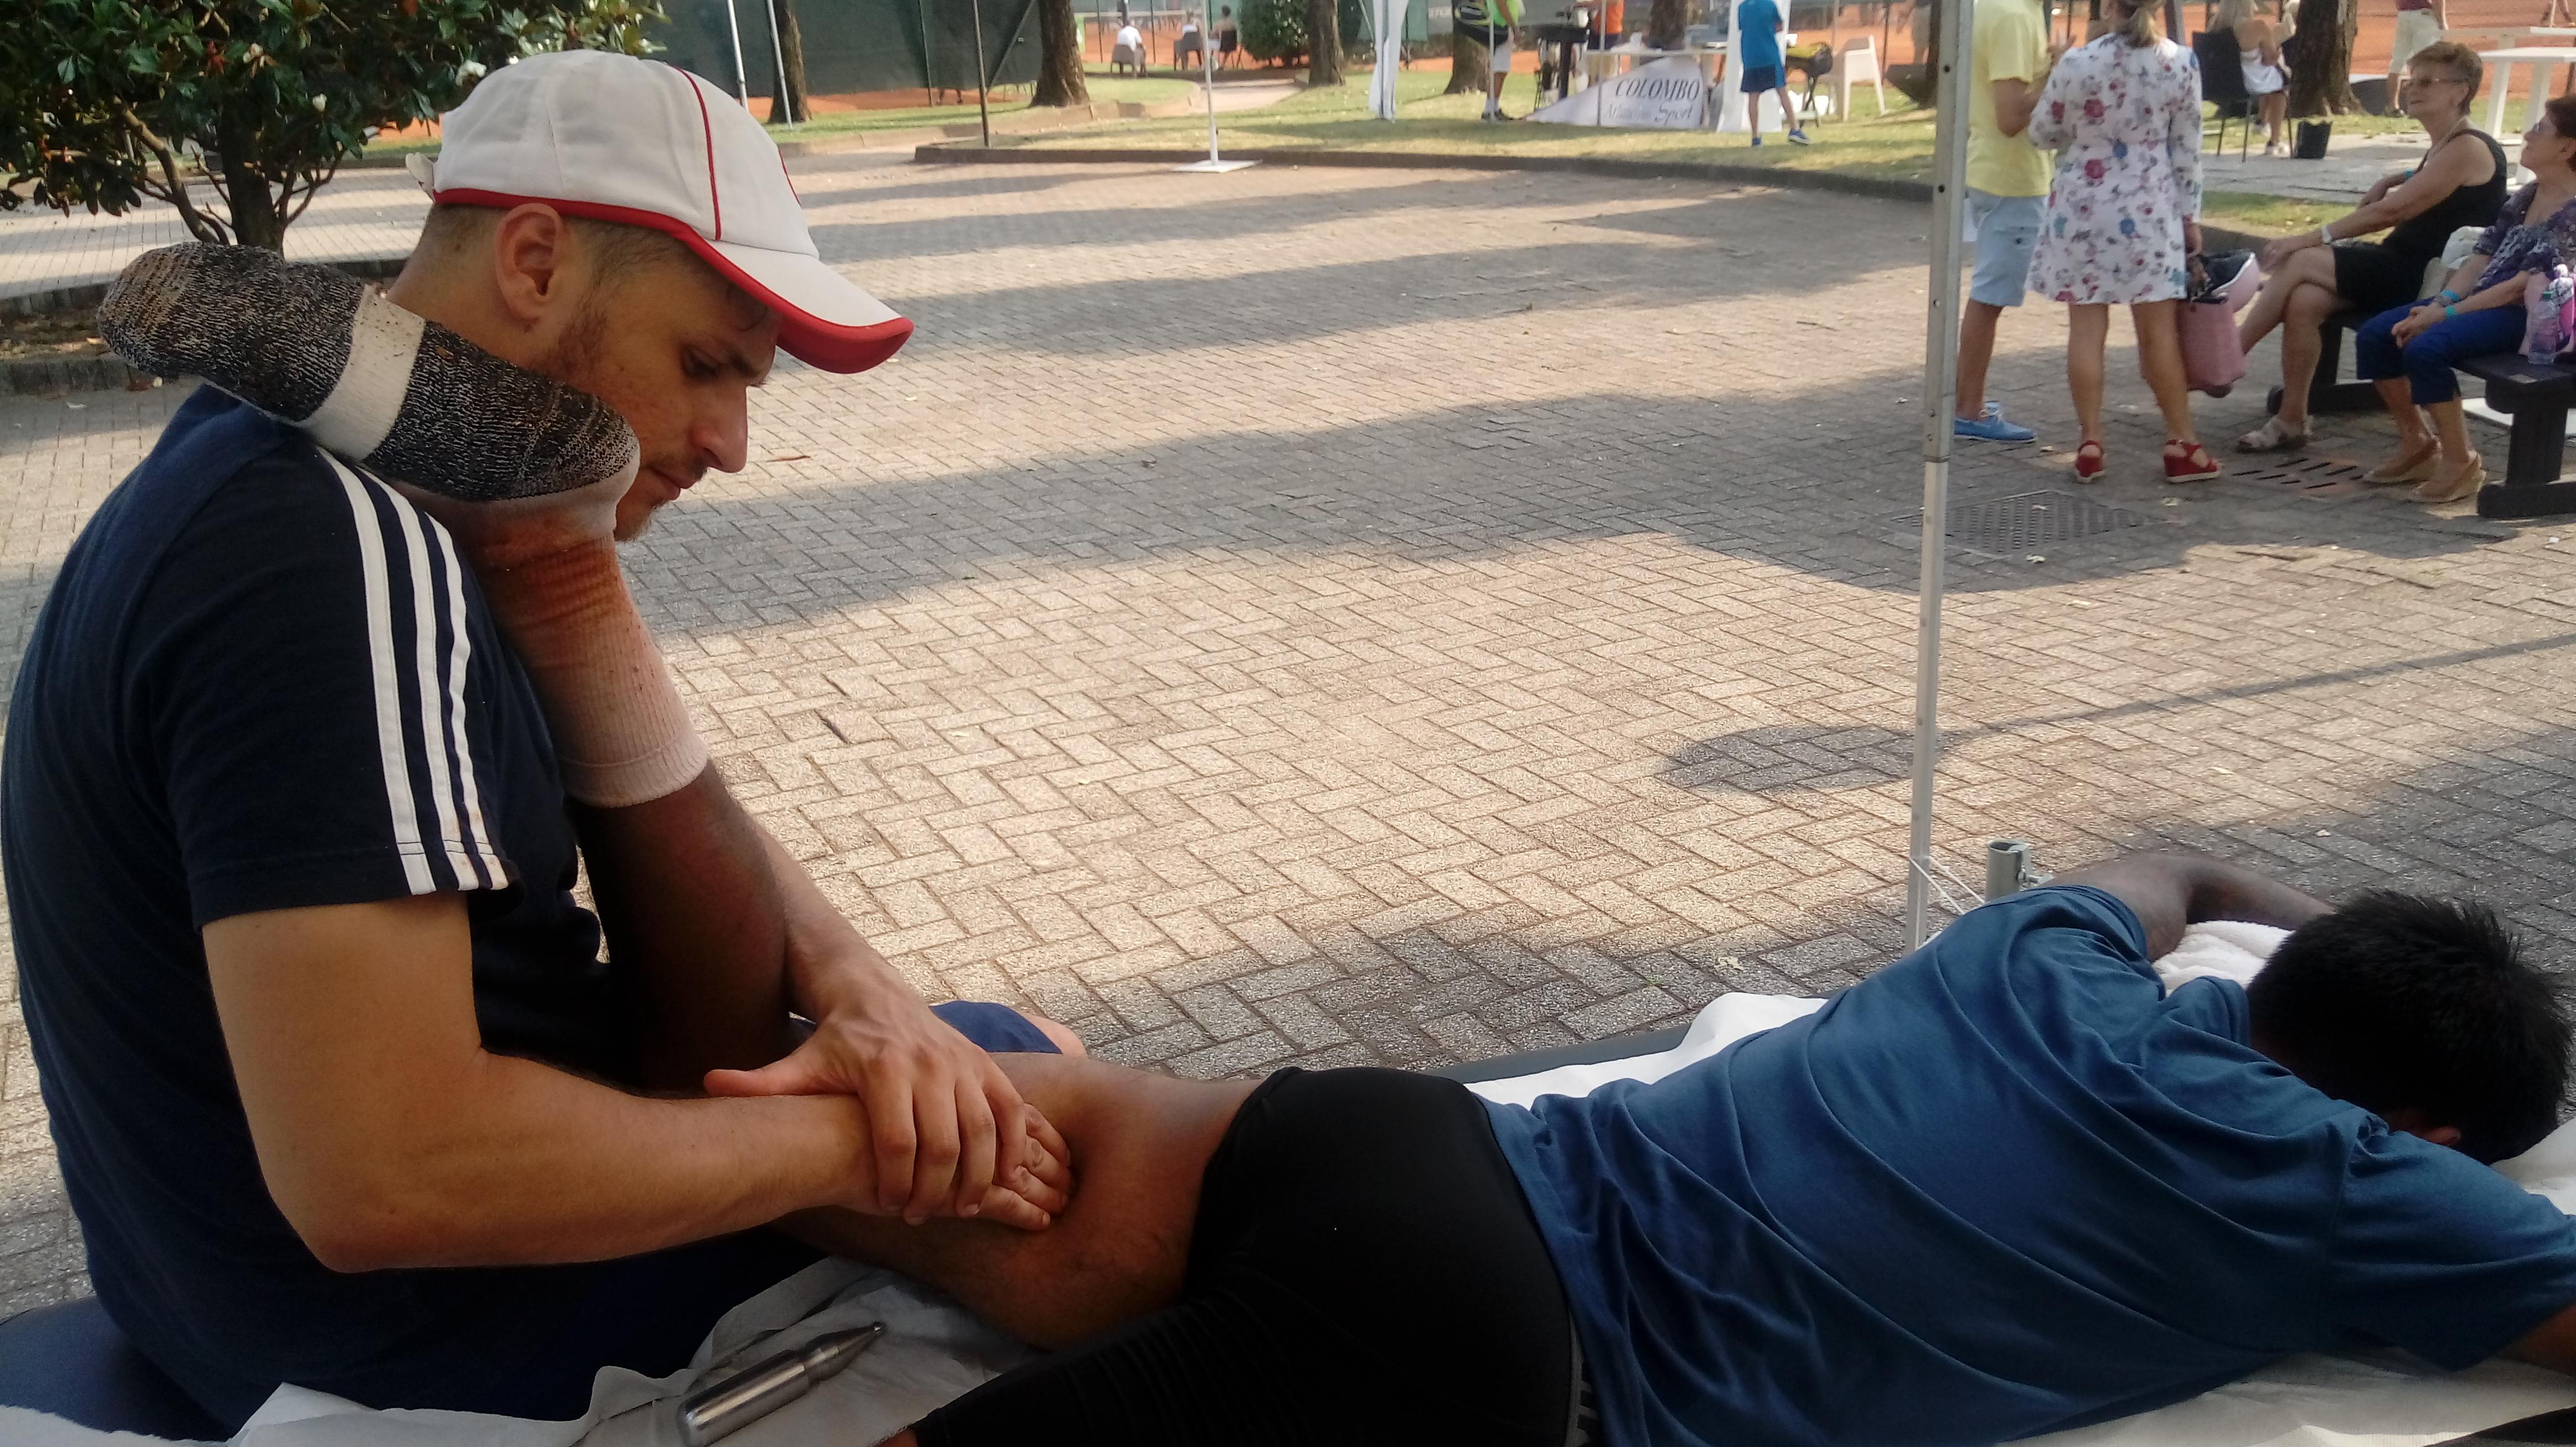 Matteo massage